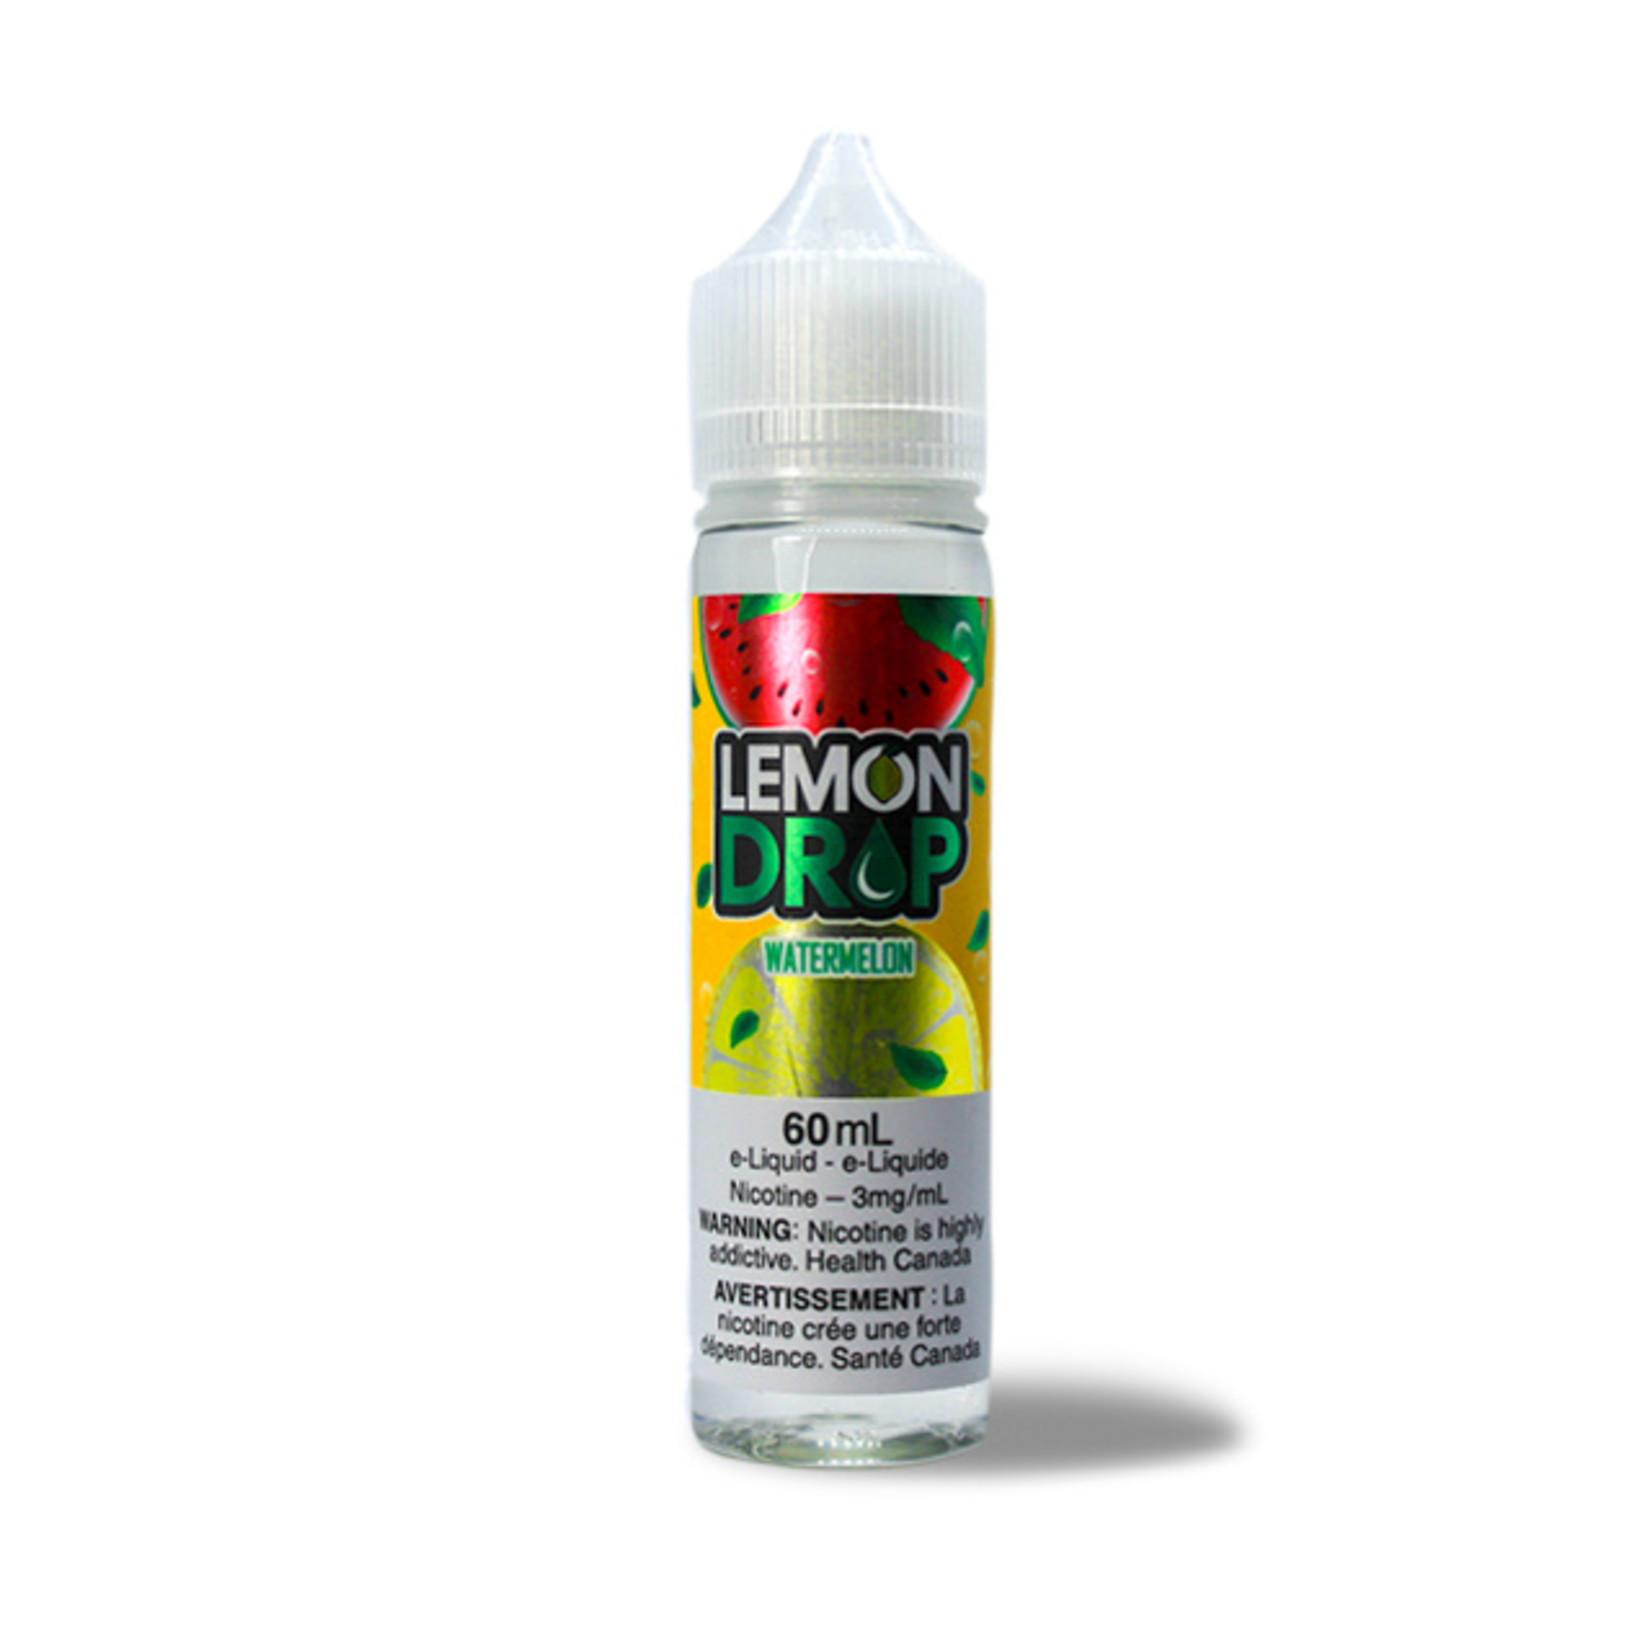 Lemon Drops Watermelon